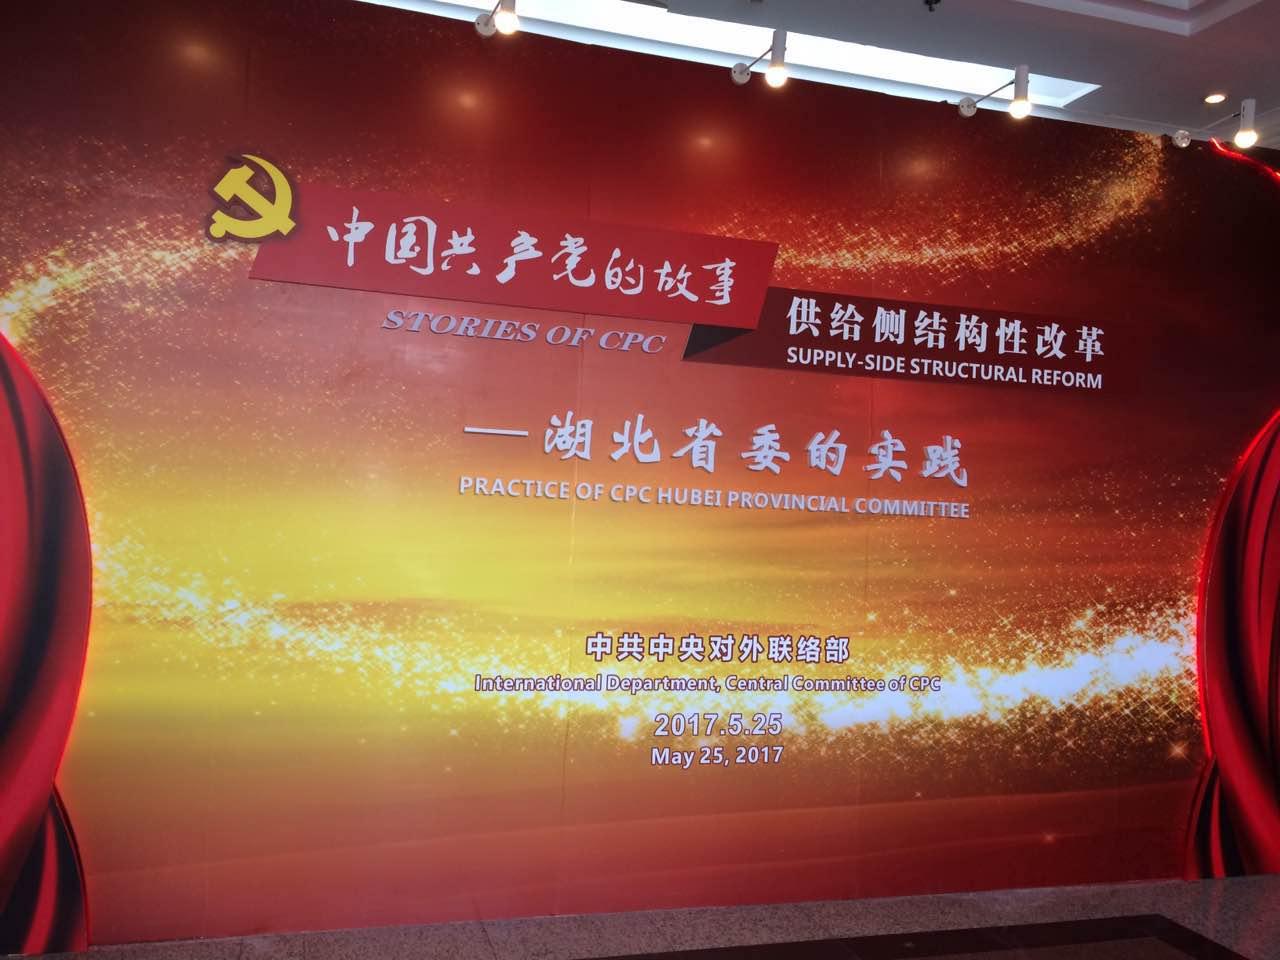 """安琪酵母亮相""""中国共产党的故事""""专题宣介会"""